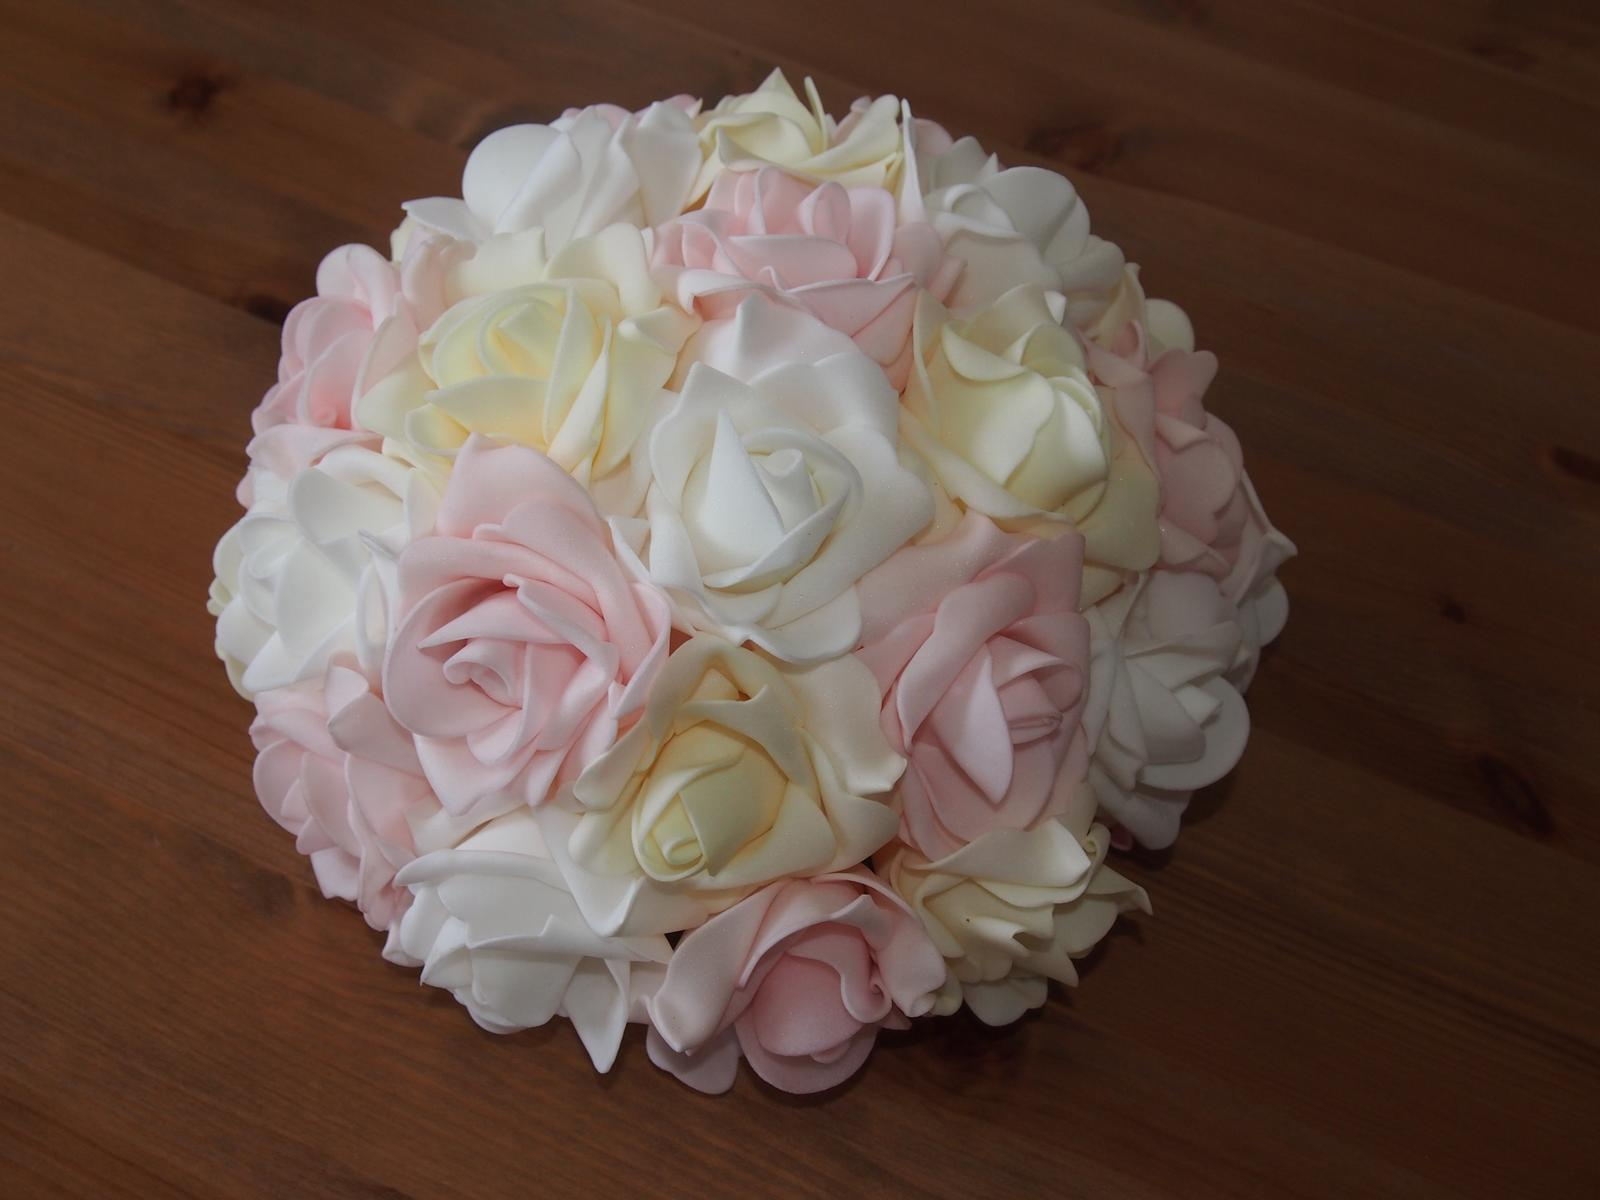 Svatební dekorace na auta - Nádherná kombinace bílé, ivory a svtěle růžové